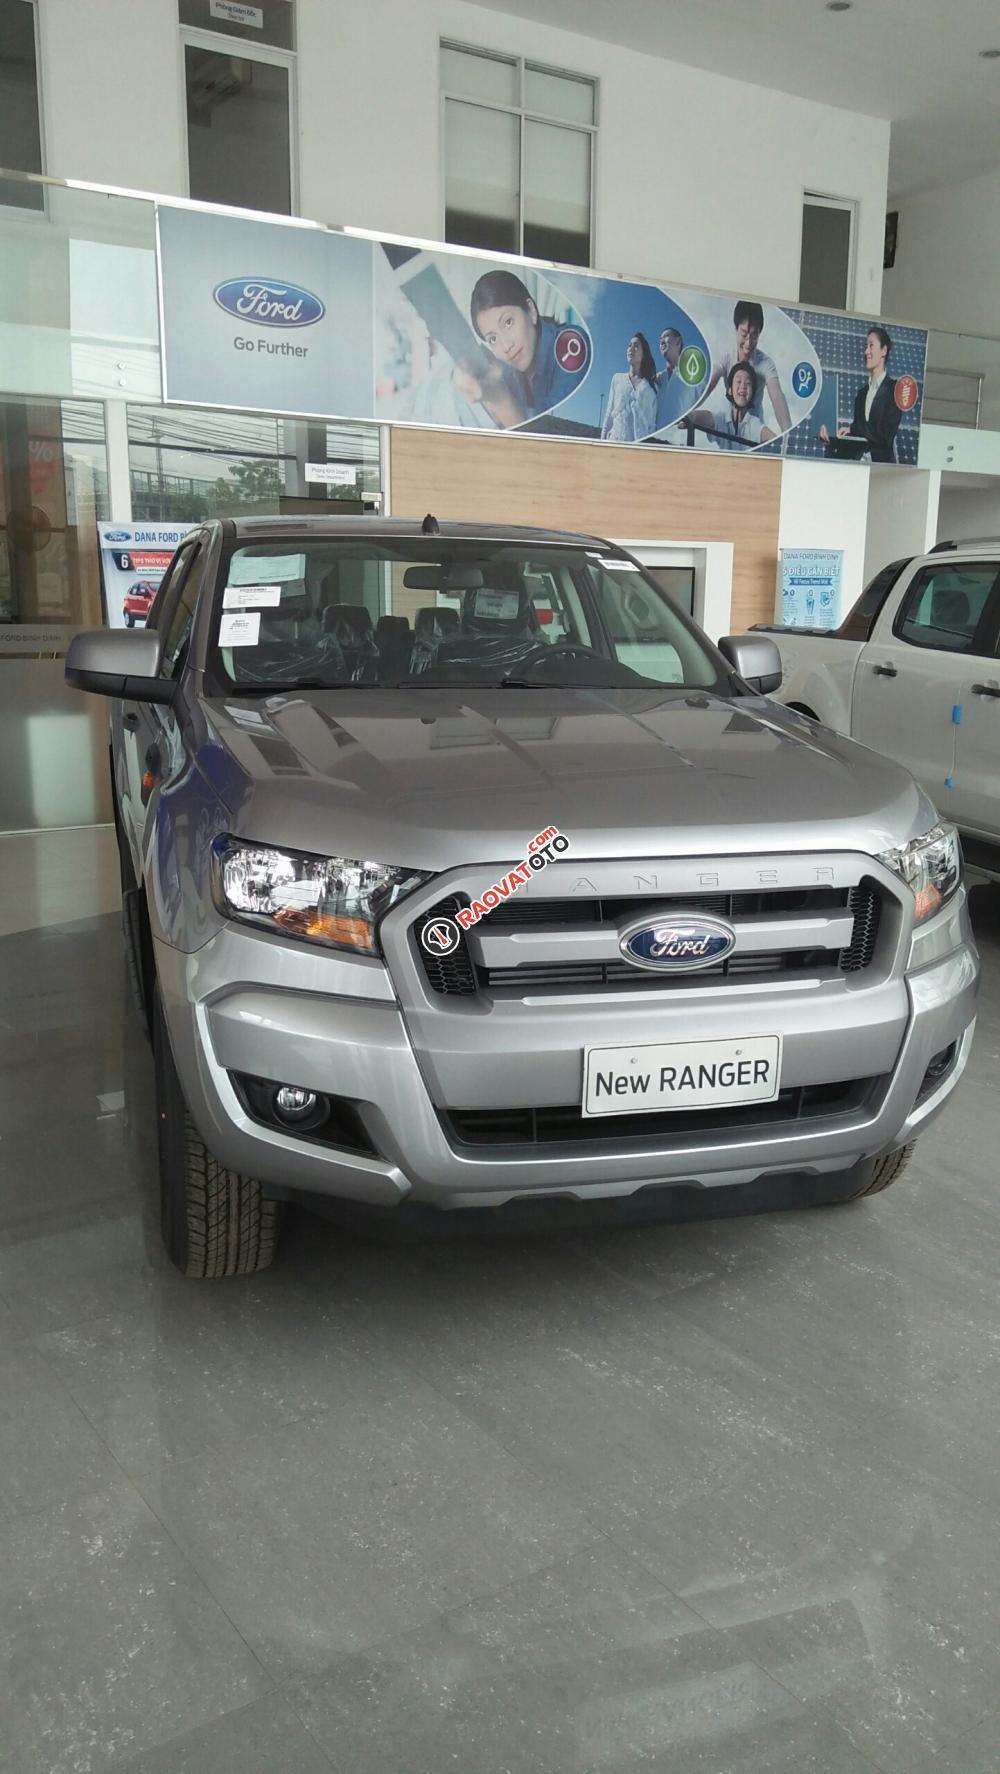 Bán xe Ford Ranger Wlidtrak, XLS, XLT. Giá xe chưa giảm. Hotline báo giá xe Ford rẻ nhất: 093.114.2545 - 097.140.7753-1